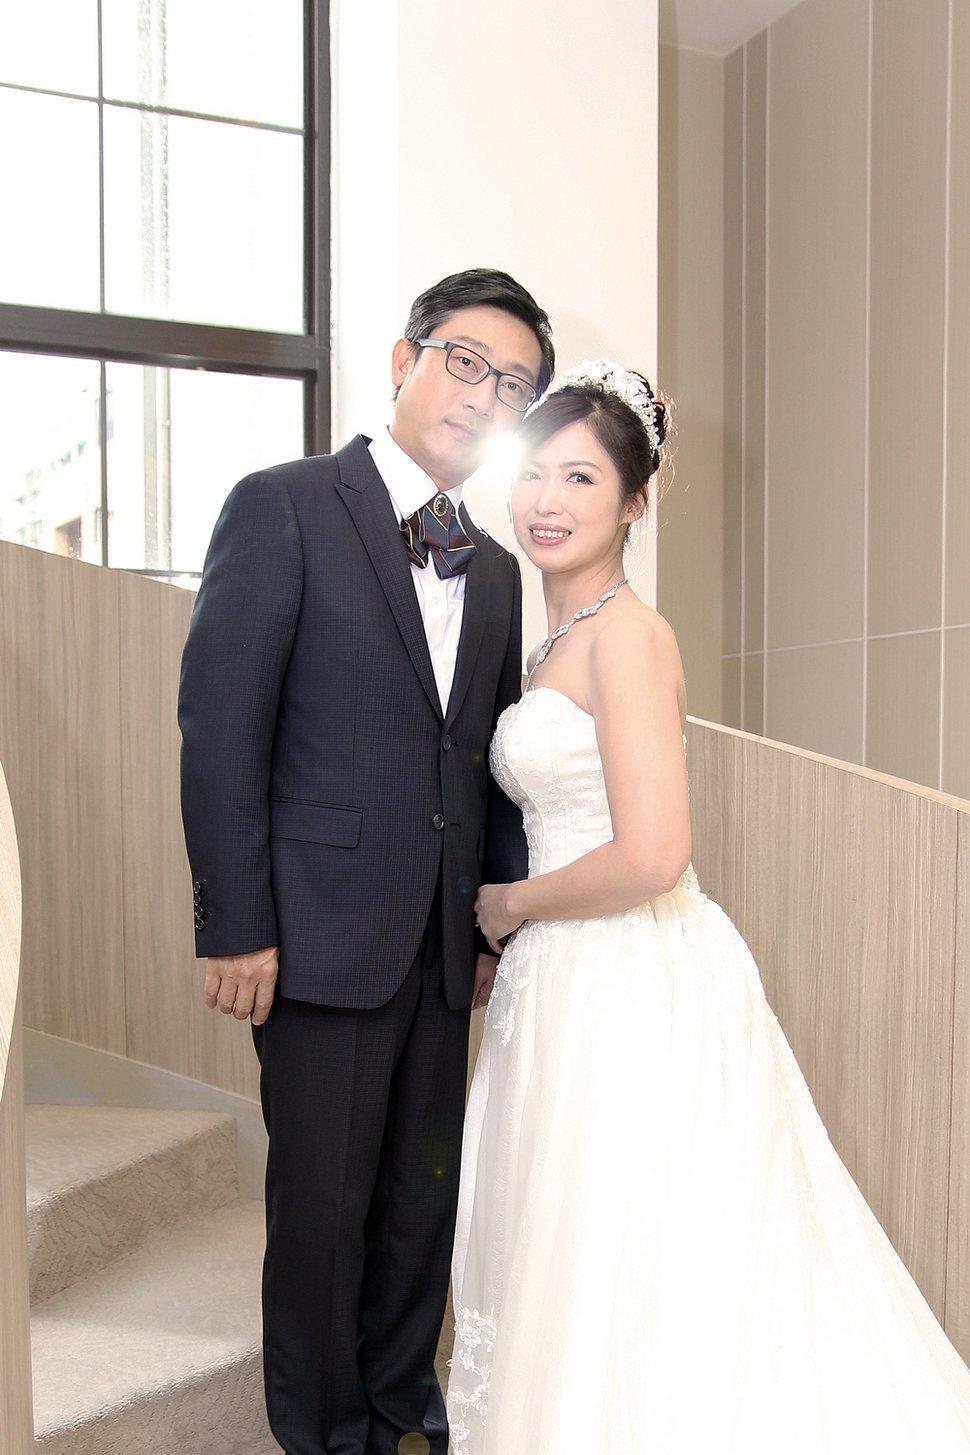 雅鈴&文偉(單午宴)(編號:431250) - 瑞比婚禮紀錄攝影 - 結婚吧一站式婚禮服務平台